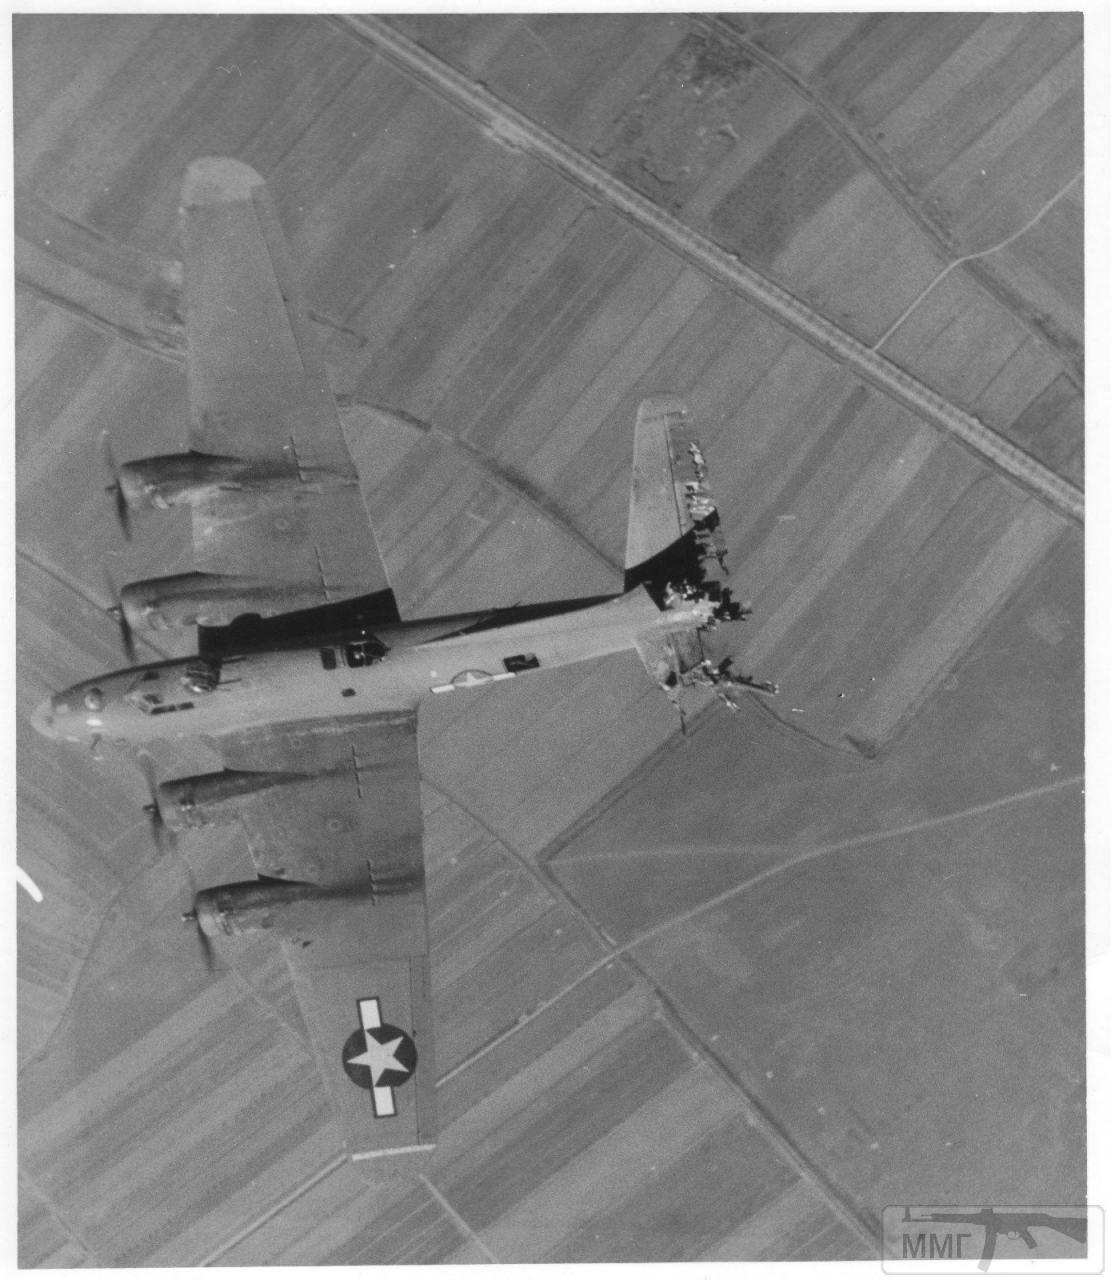 29351 - Стратегические бомбардировки Германии и Японии